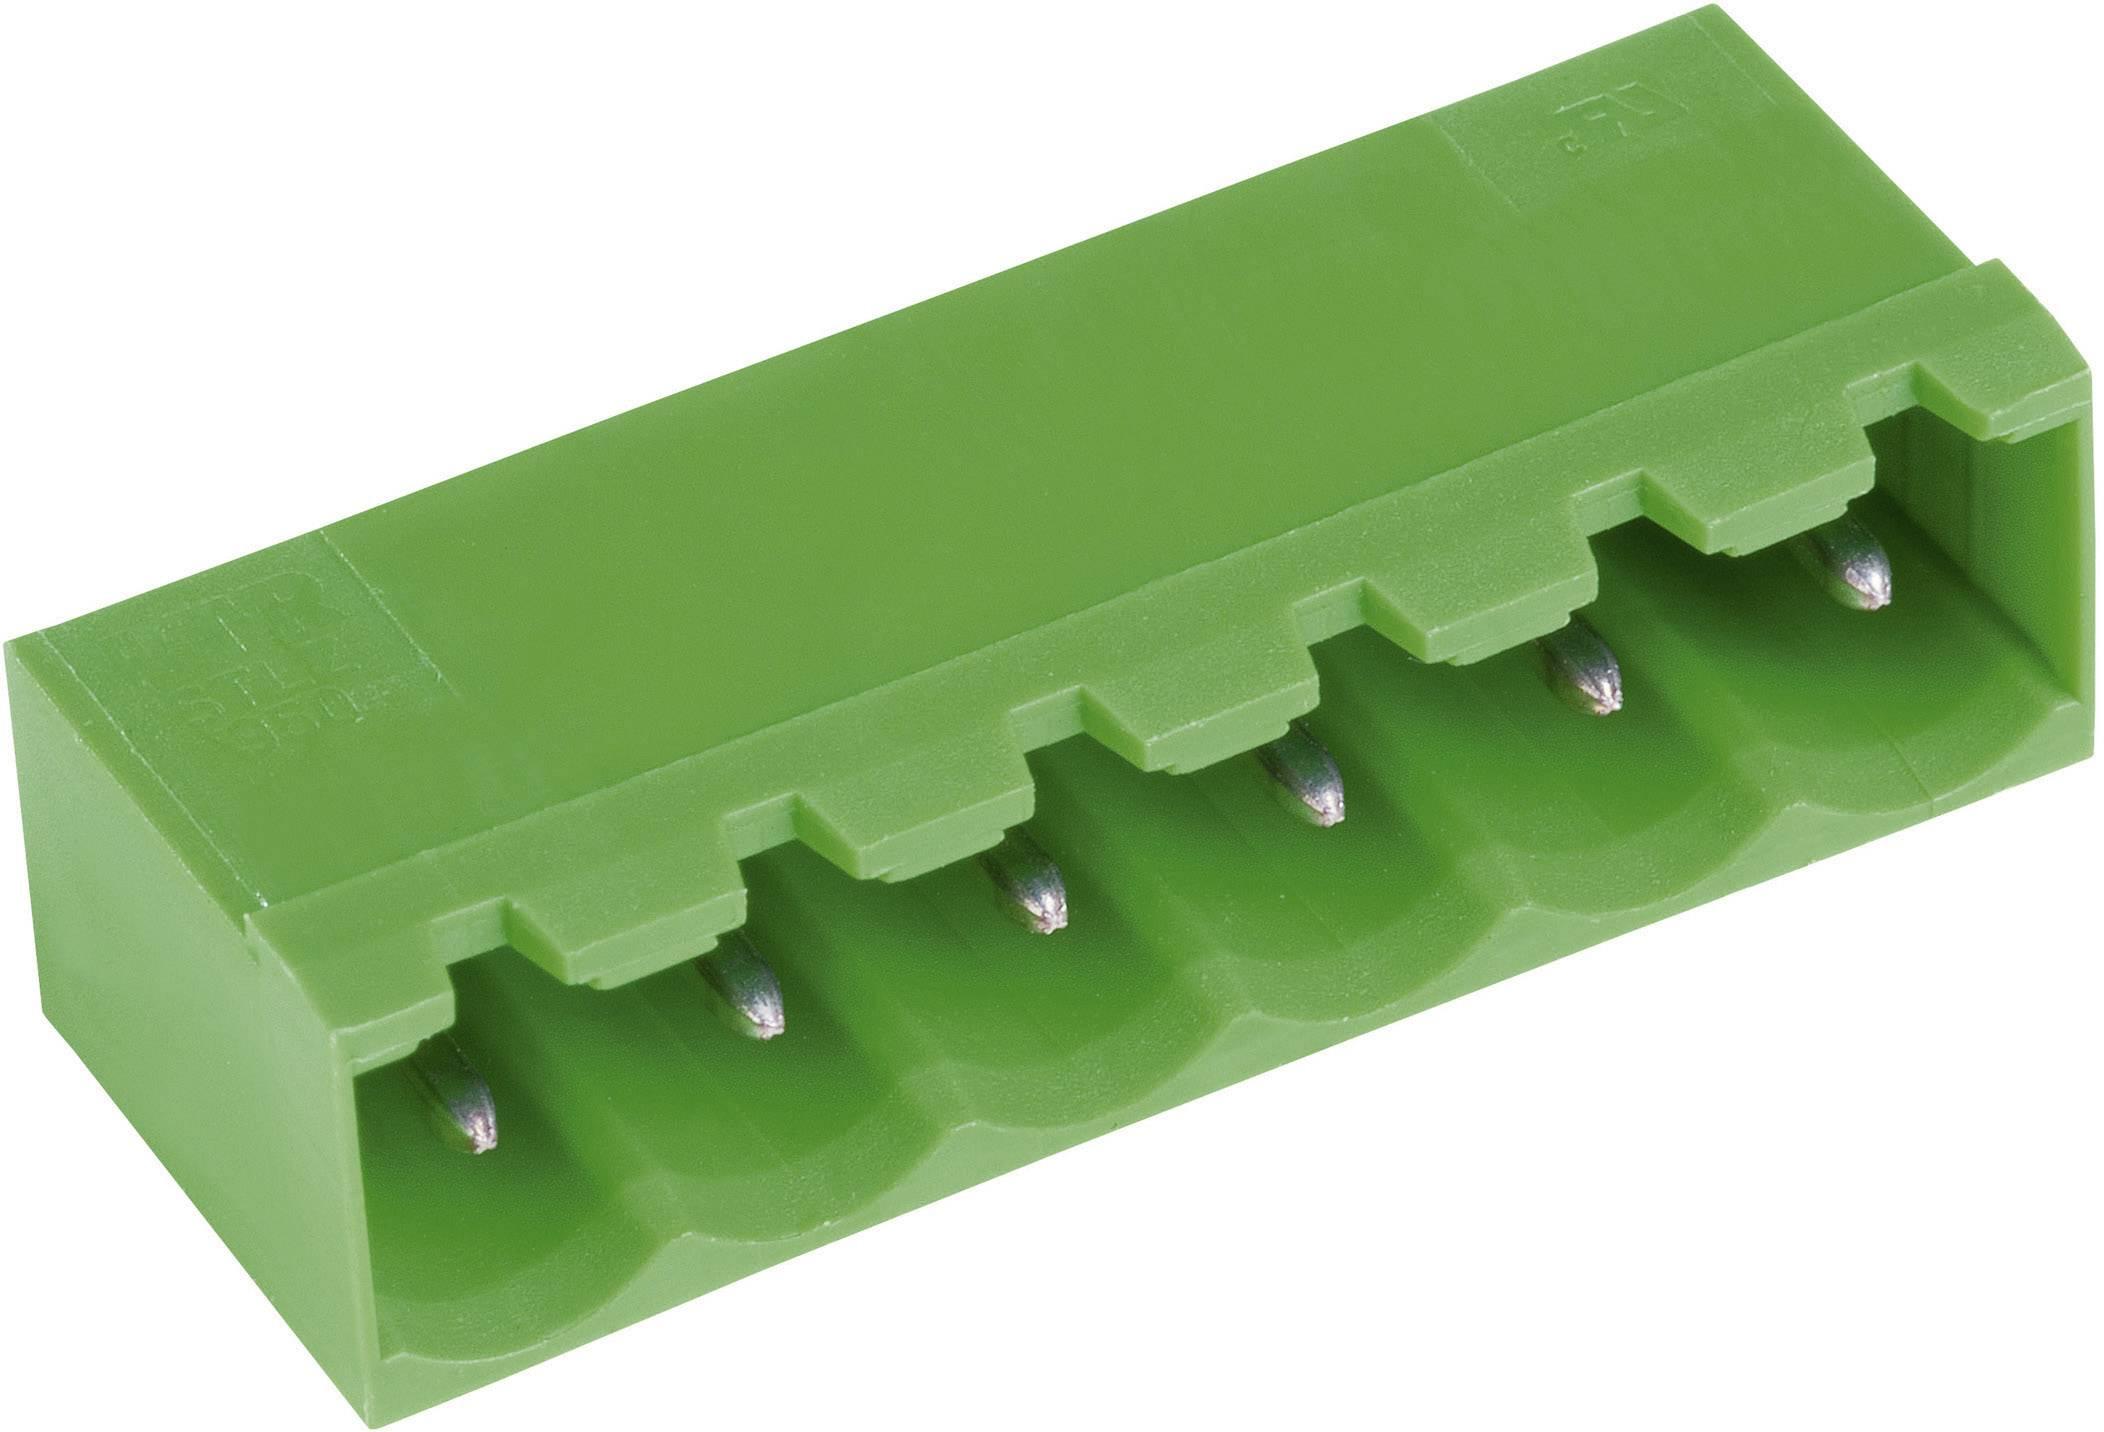 Konektor do DPS PTR STL950/6G-5.0-H 50950065001E, 31.20 mm, pólů 6, rozteč 5 mm, 1 ks